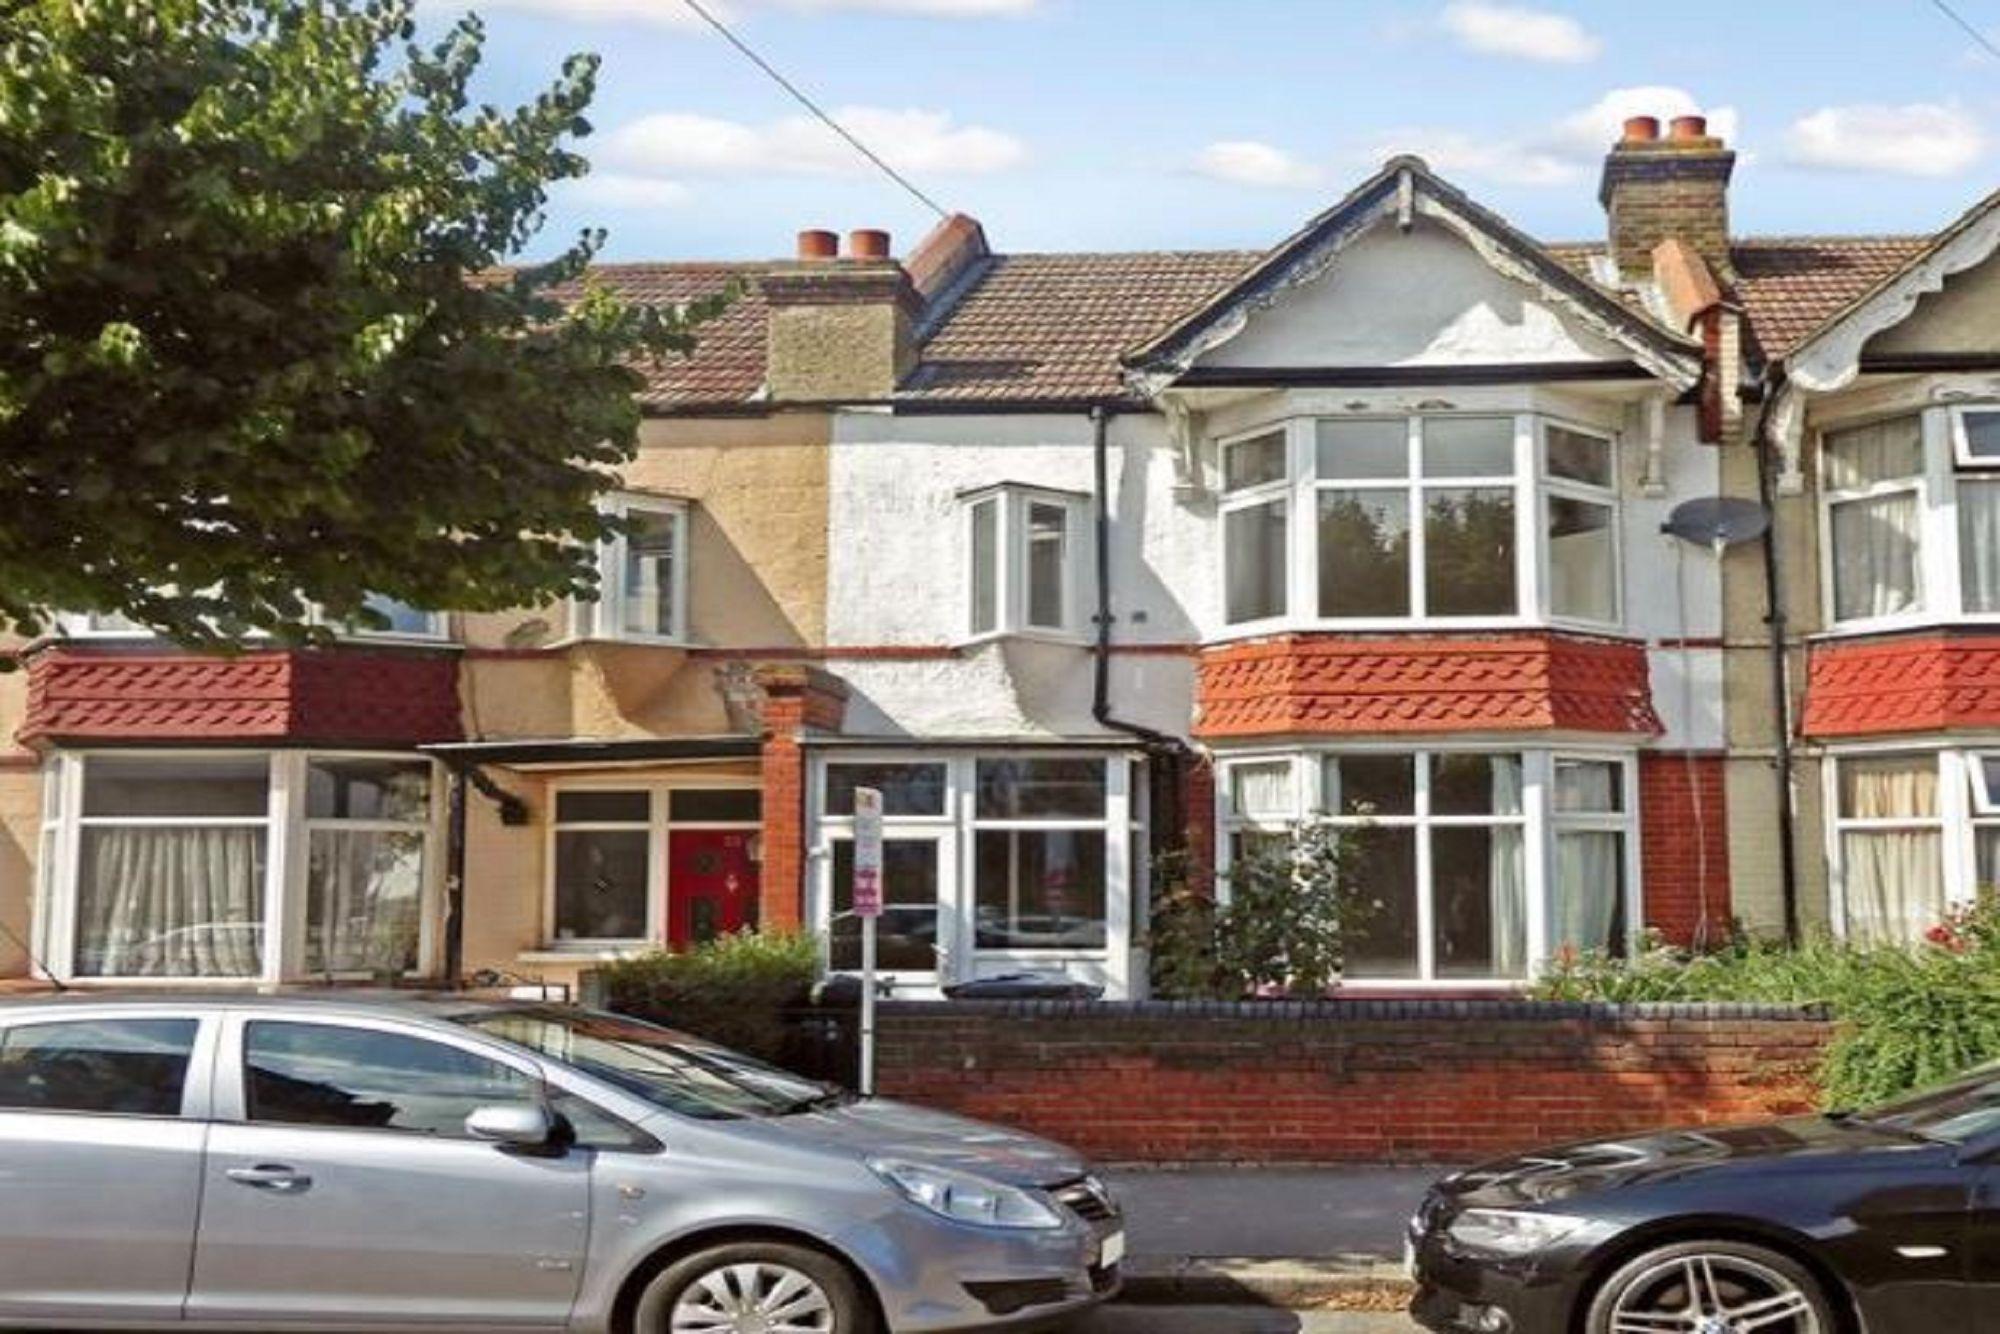 Highbarrow Road, Croydon, CR0 6LD